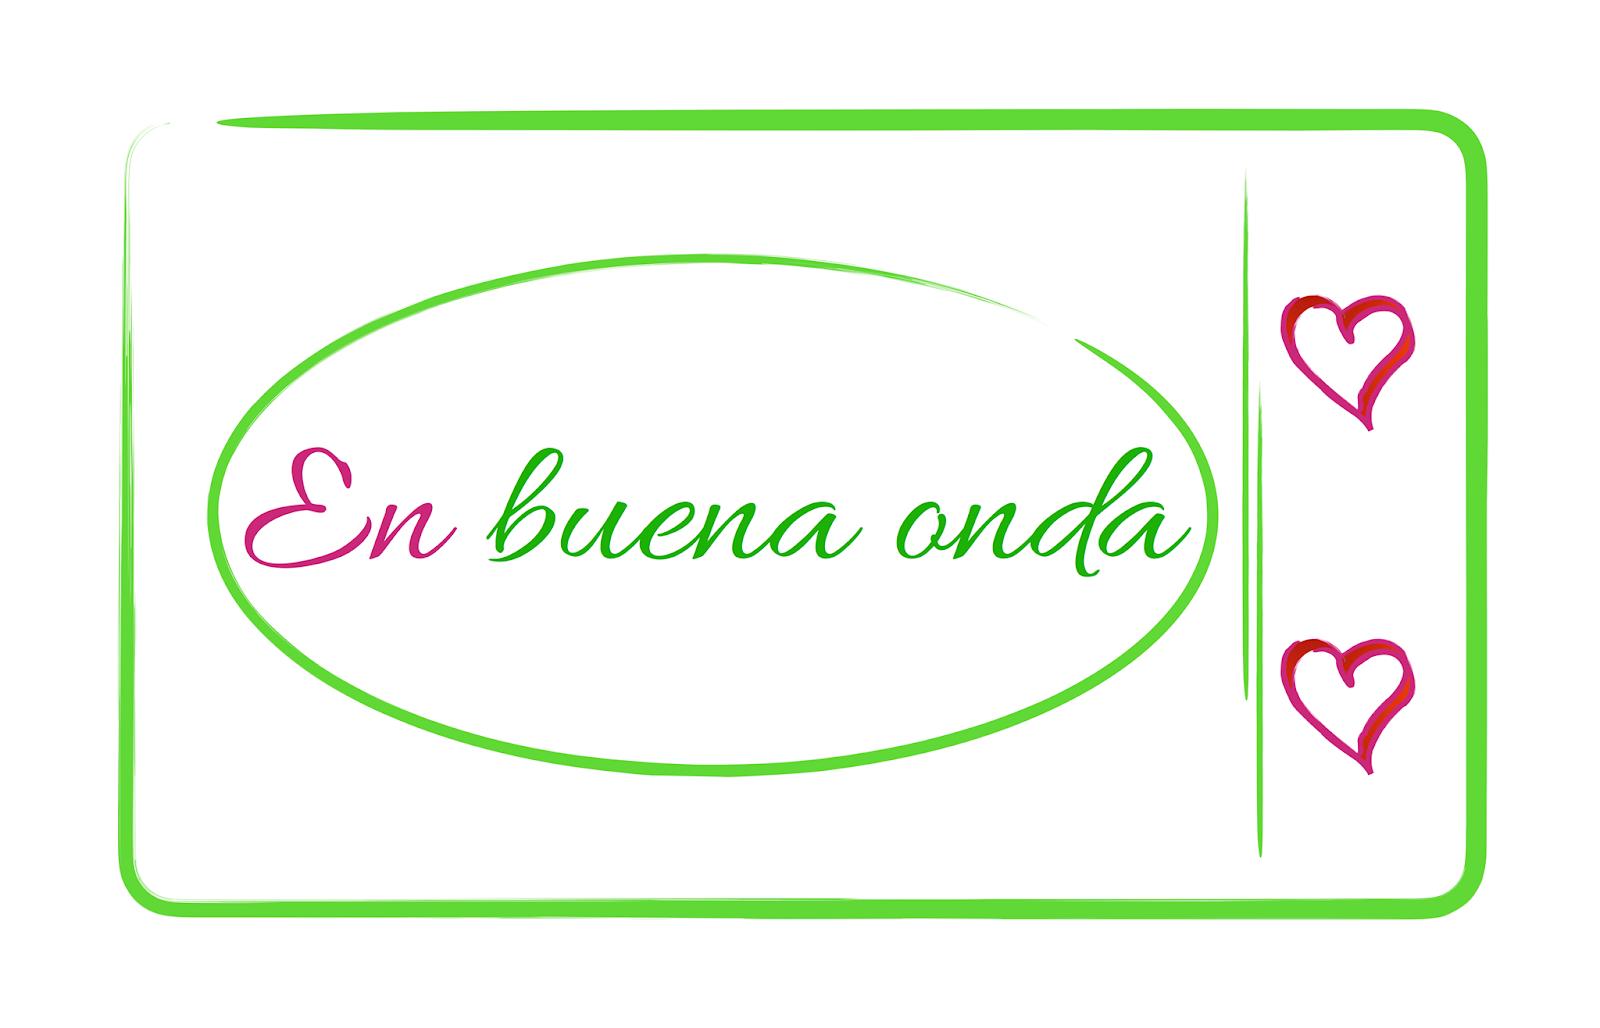 EN BUENA ONDA